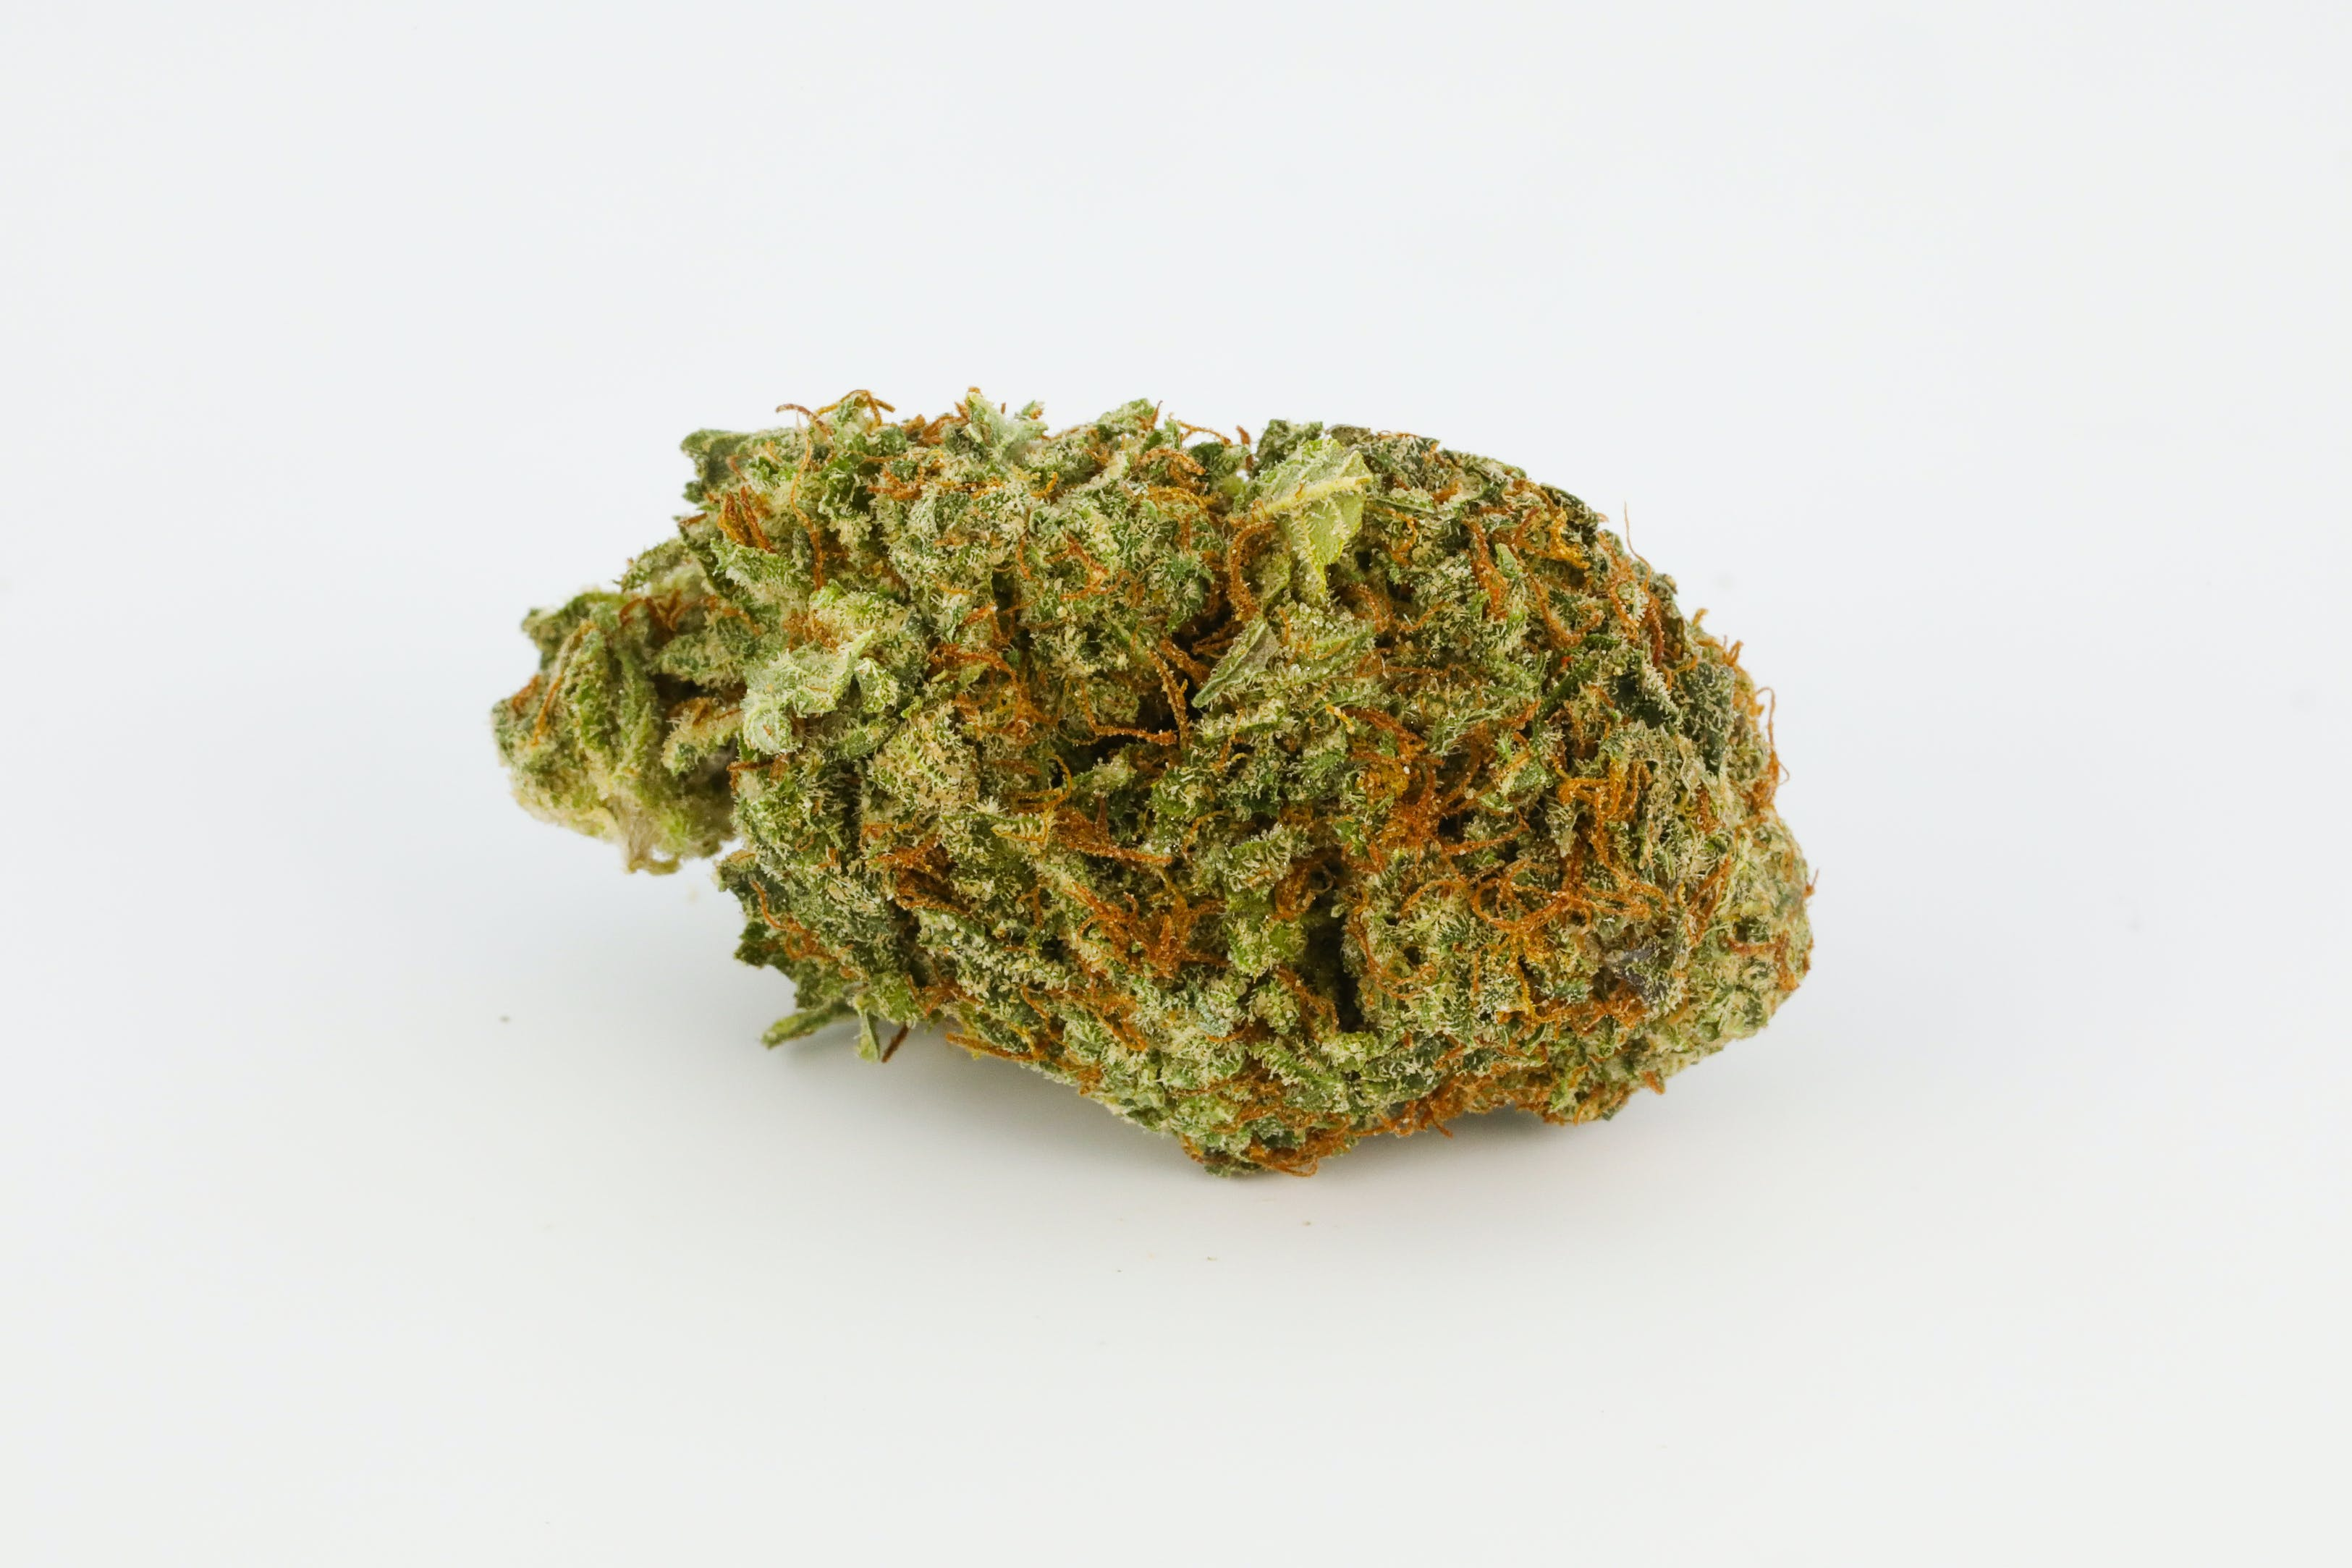 Vanilla Kush Weed; Vanilla Kush Cannabis Strain; Vanilla Kush Hybrid Marijuana Strain